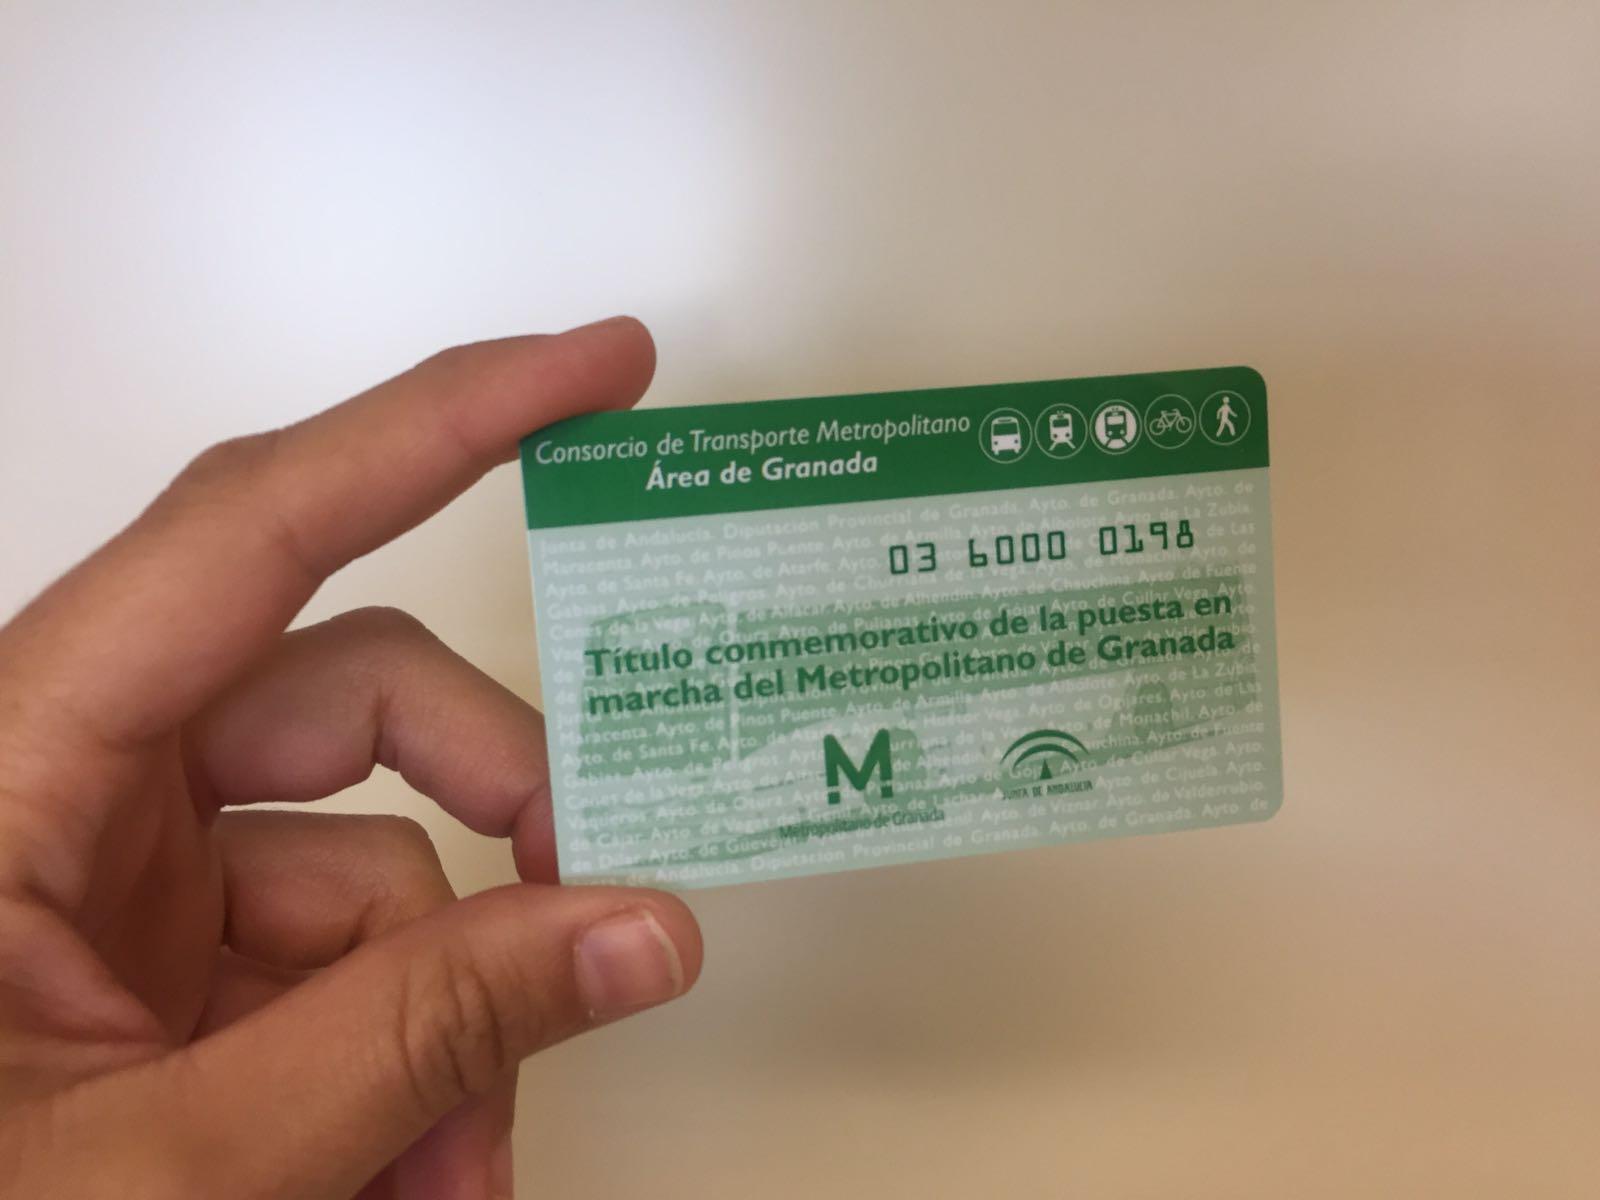 Imagen de la tarjeta conmemorativo del Consorcio con motivo de la puesta en marcha del metropolitano.